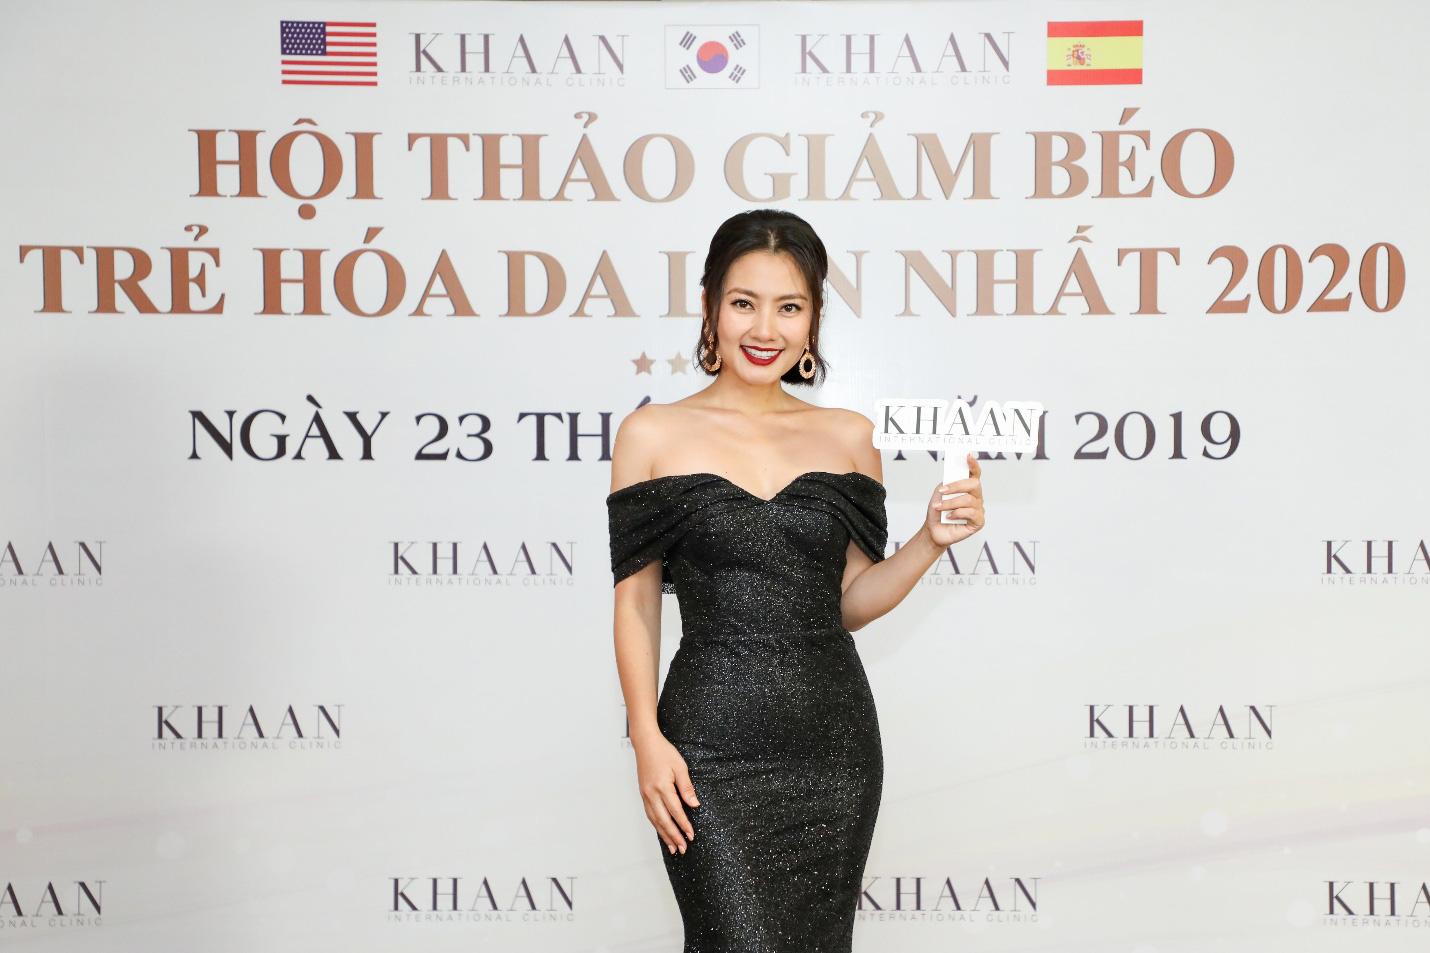 Hoa hậu Kỳ Duyên và dàn sao khủng quy tụ tại Hội thảo Giảm béo – Trẻ hoá da 2020 của Thẩm mỹ Quốc tế Khaan - Ảnh 4.